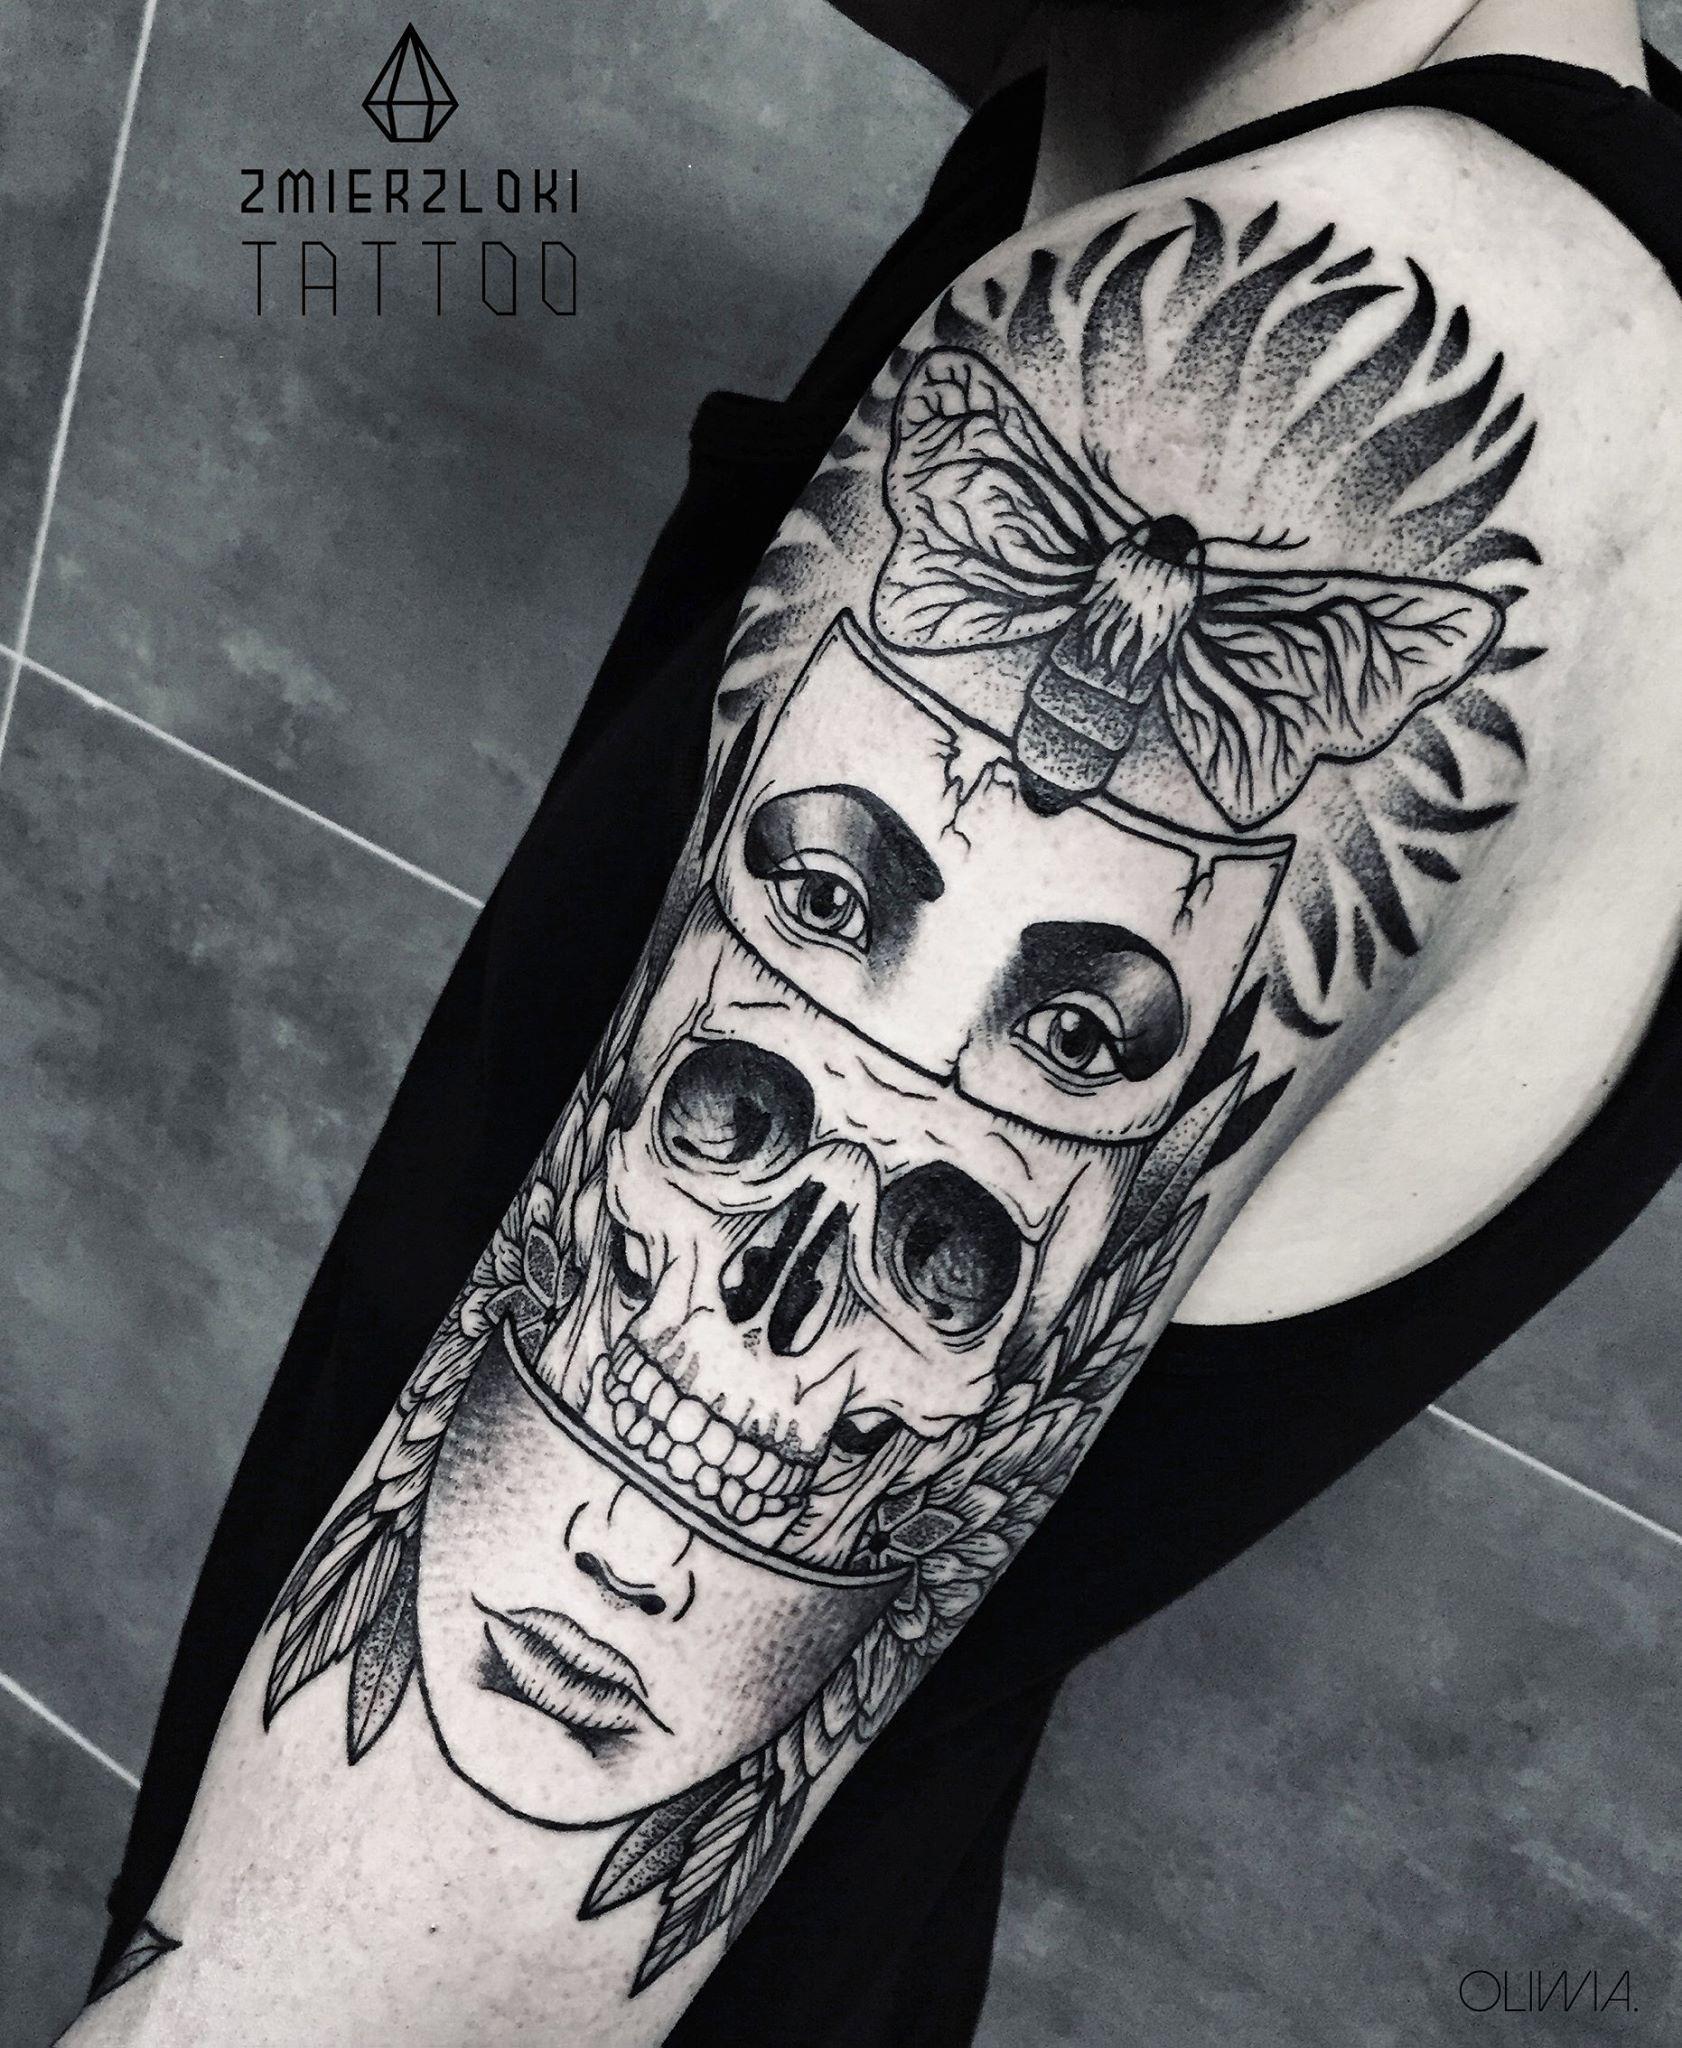 Tatuaż Tatuażowi Nierówny Czyli Trochę O Stylach Tatuowania